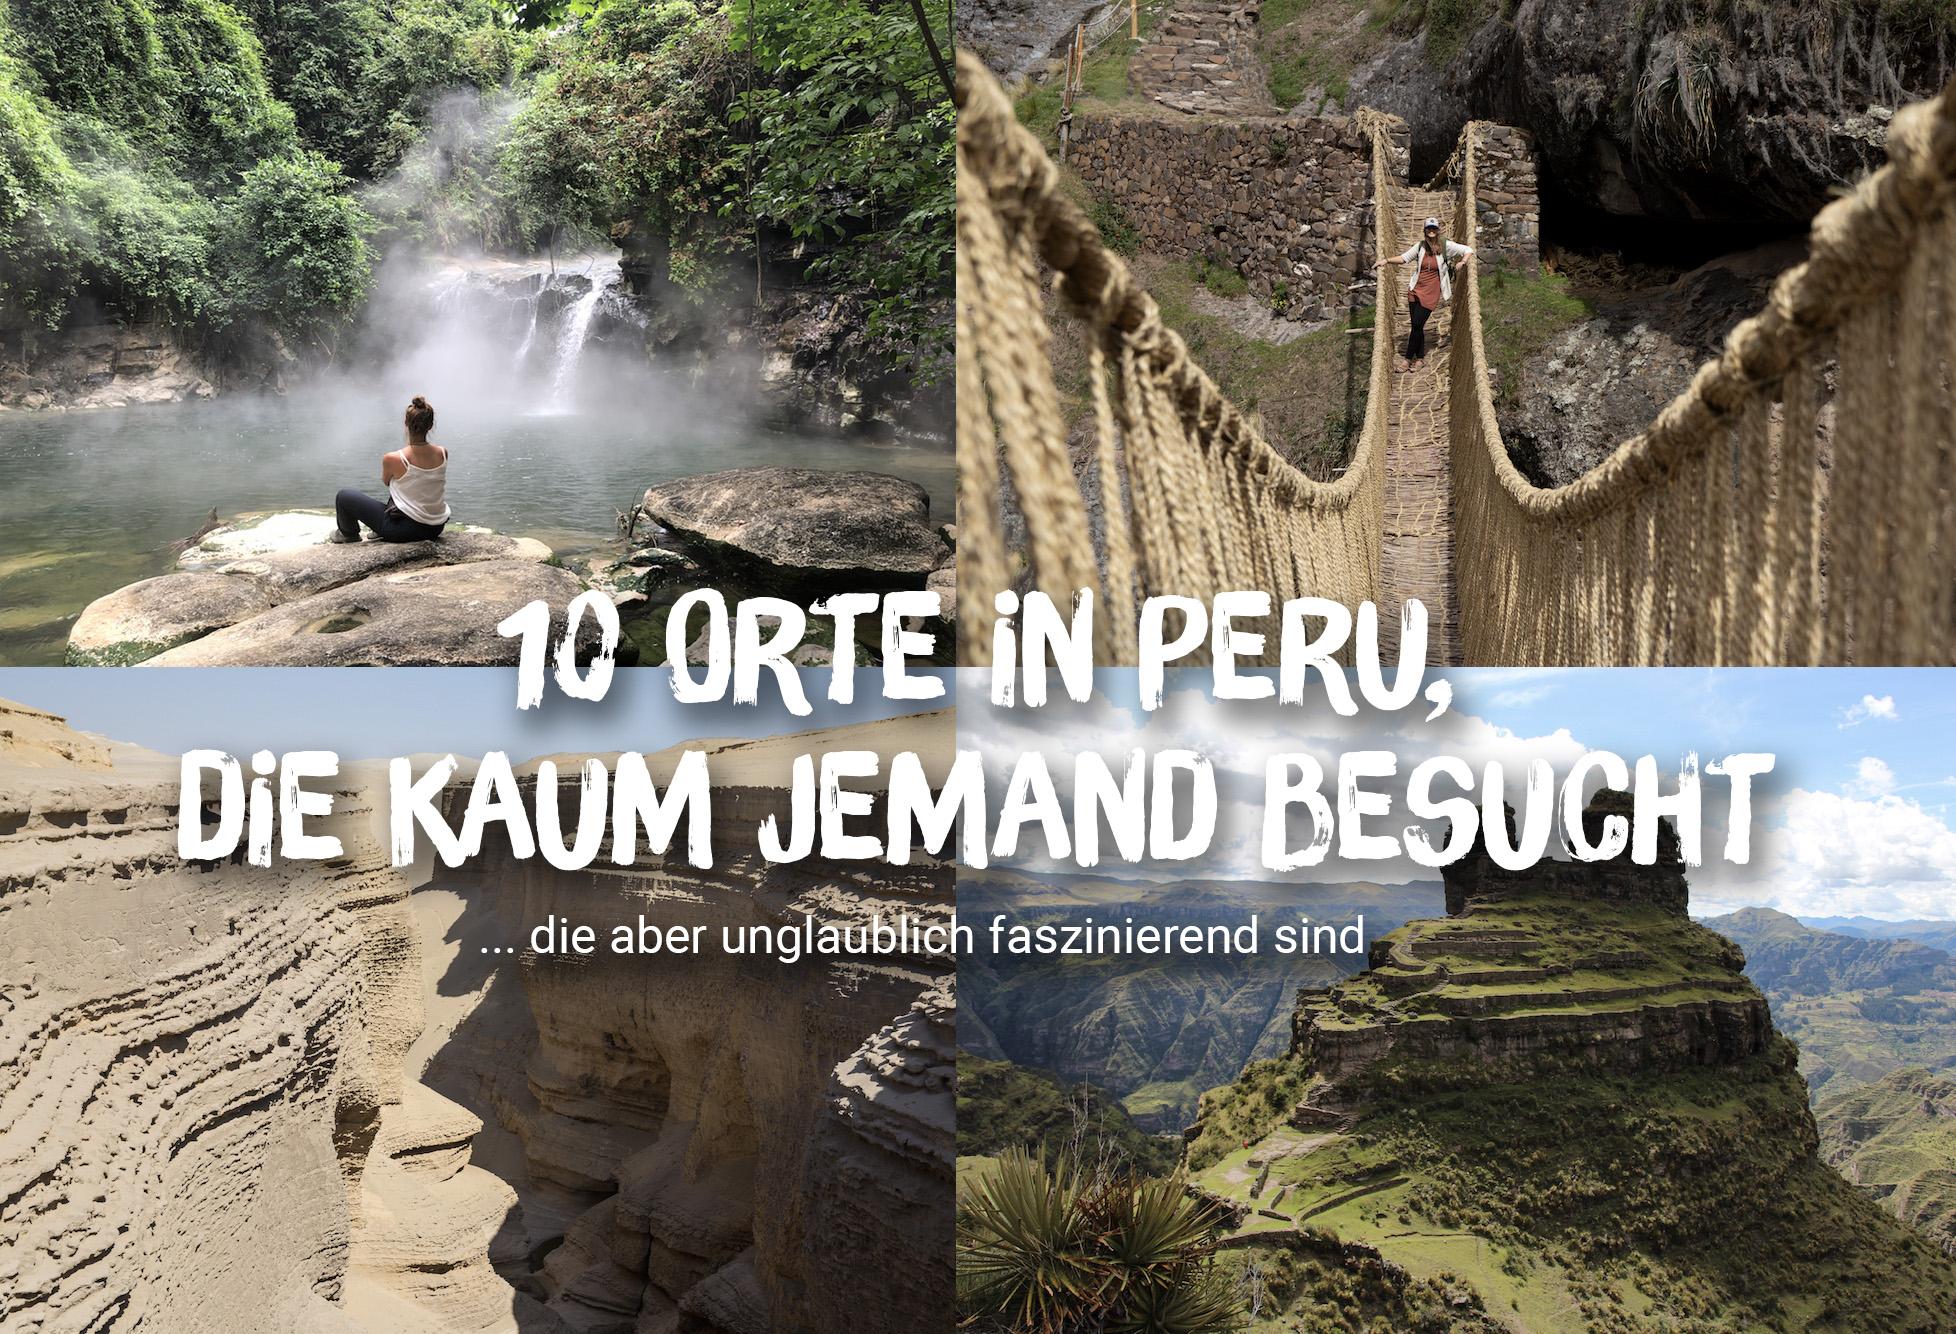 10 faszinierende Orte in Peru, die kaum jemand besucht